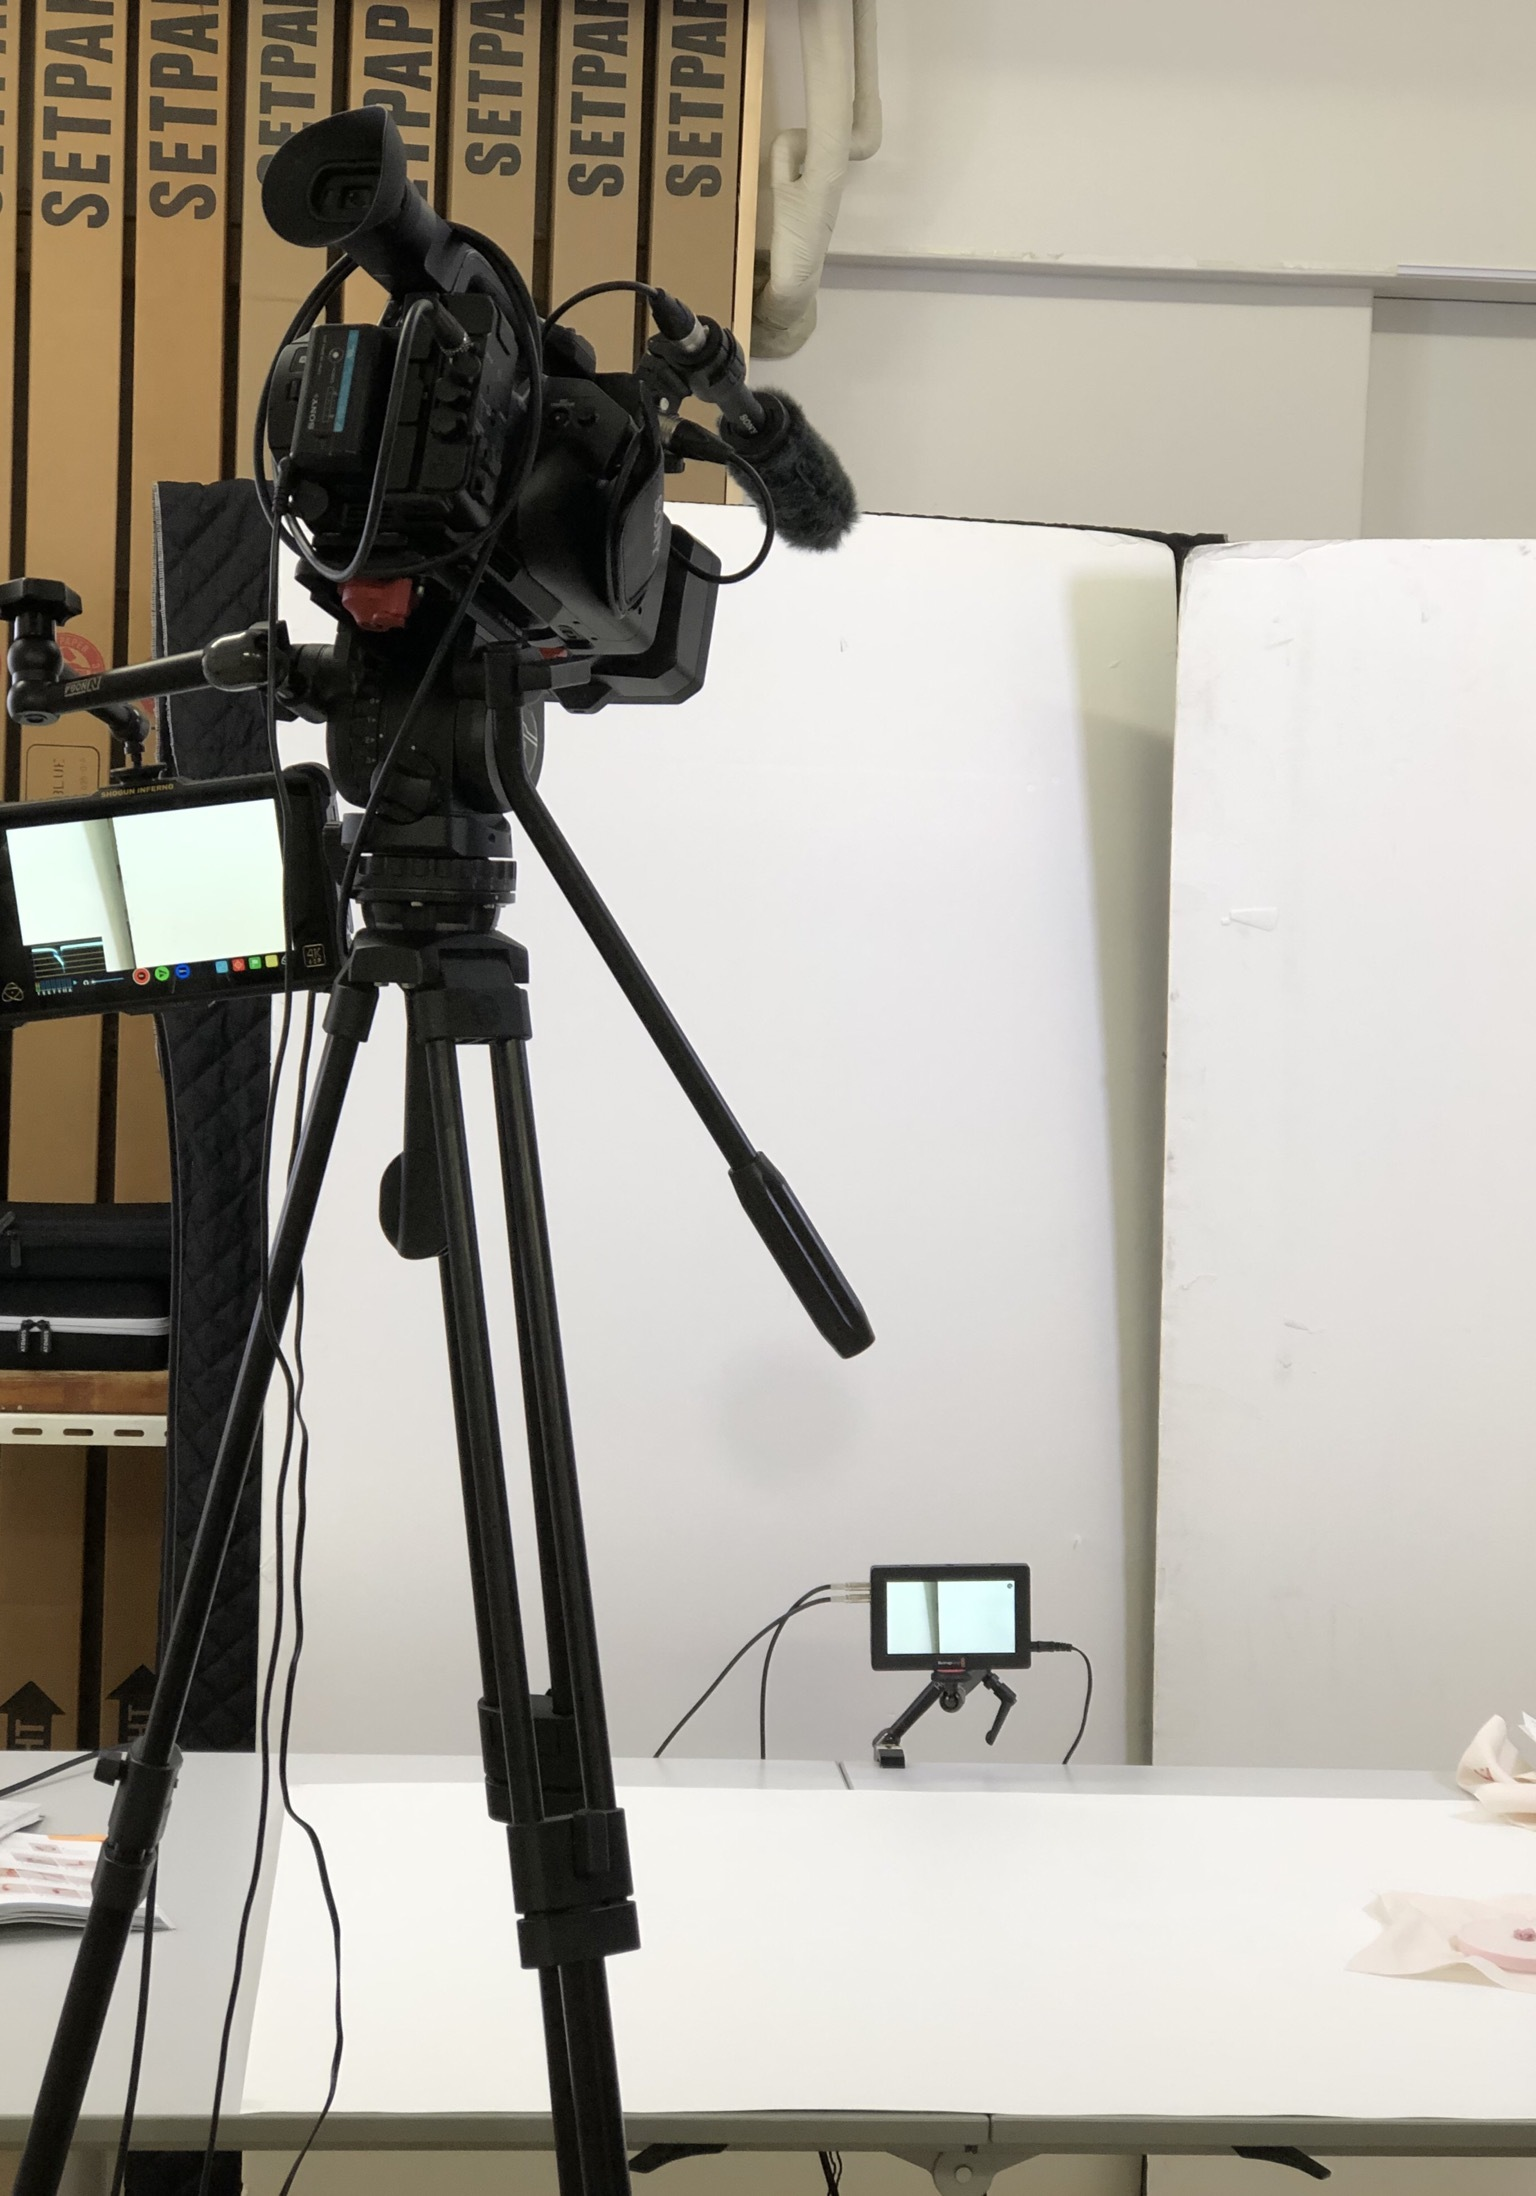 リボン刺しゅうオンライン講座の動画撮影に行って来ました_a0157409_10232645.jpeg